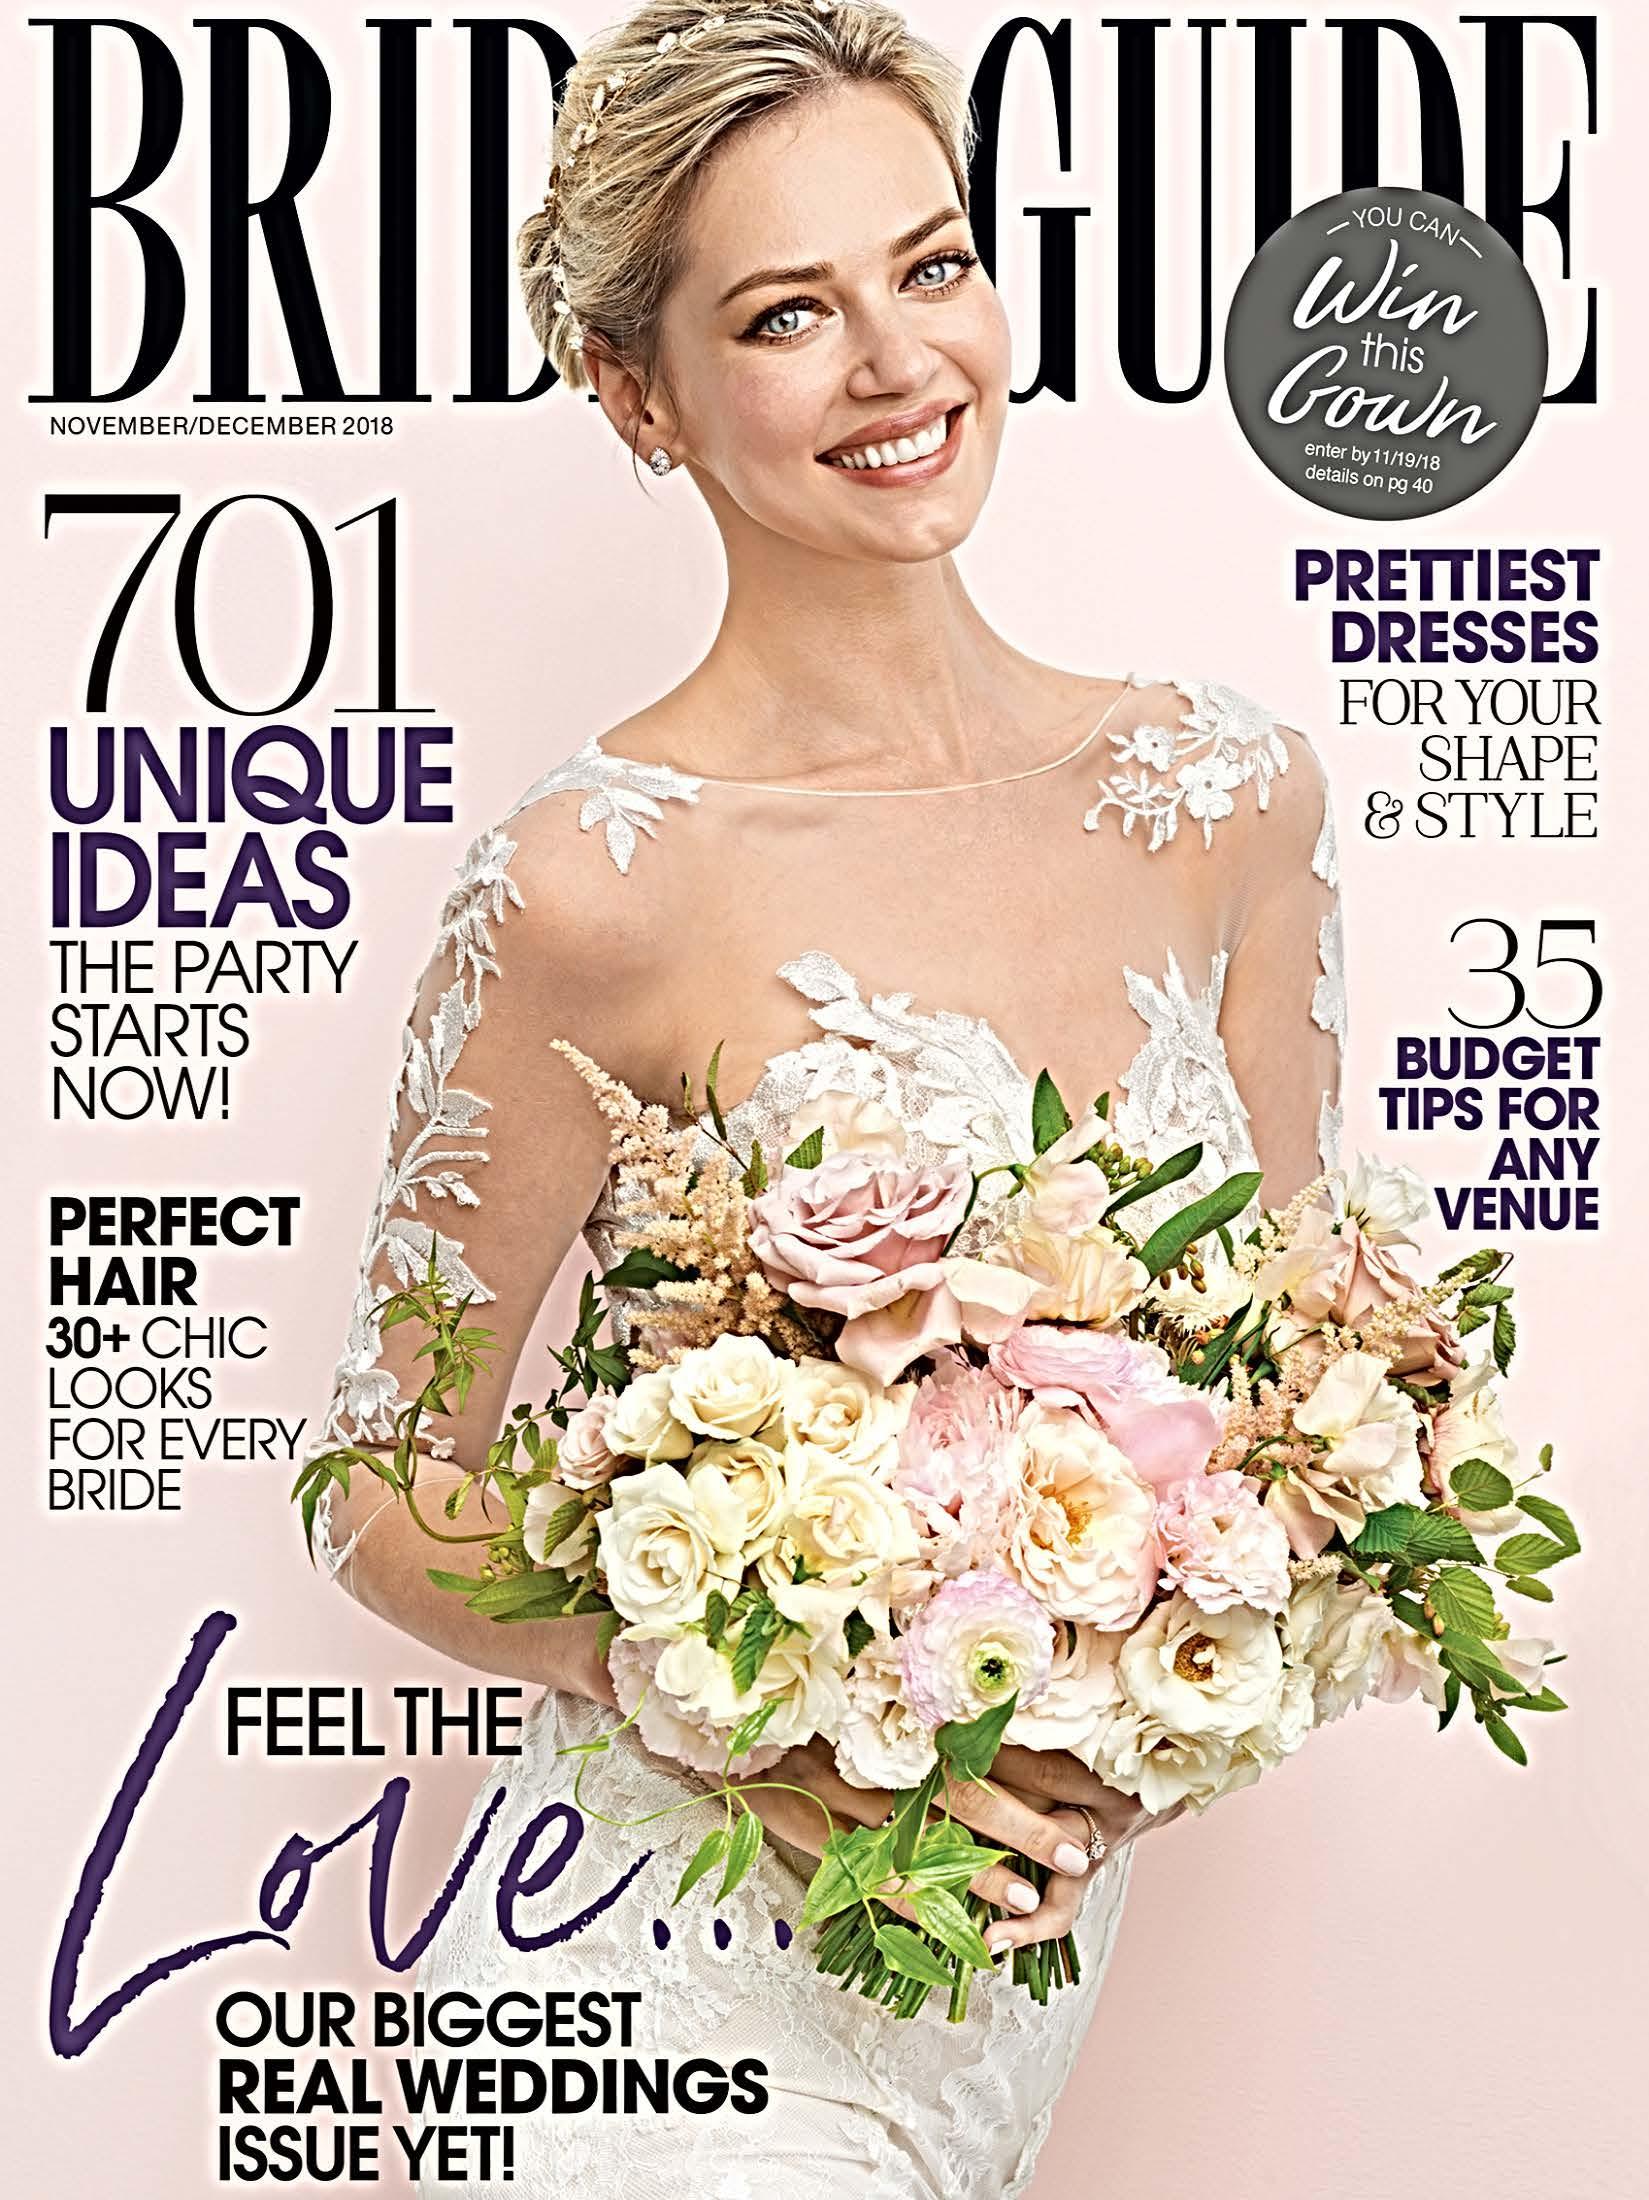 Nov-Dec cover 18.jpg